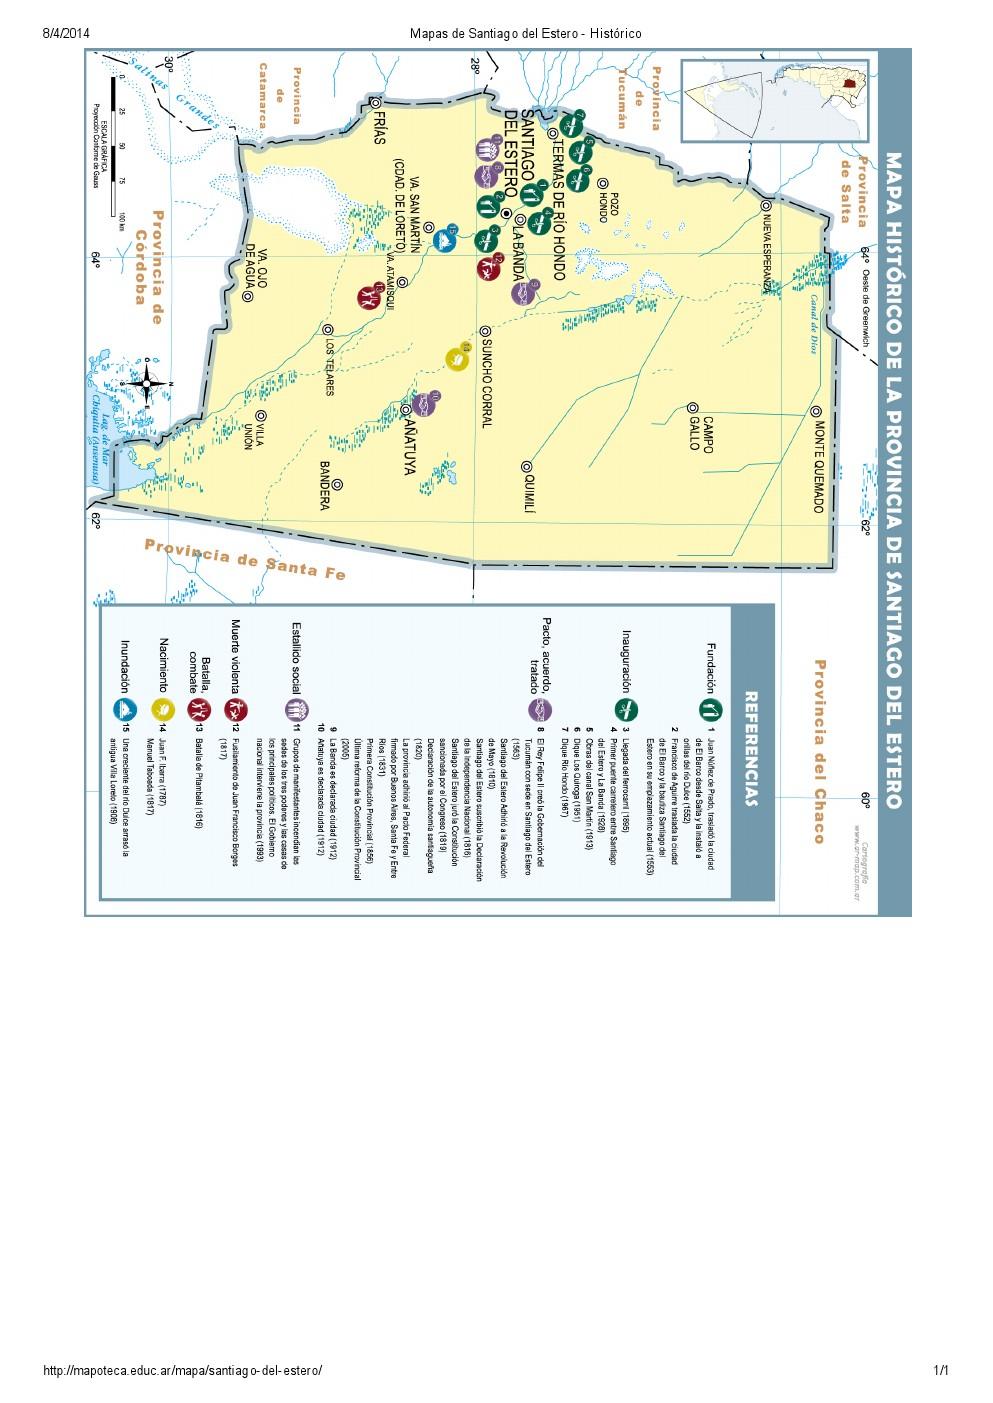 Mapa histórico de Santiago del Estero. Mapoteca de Educ.ar